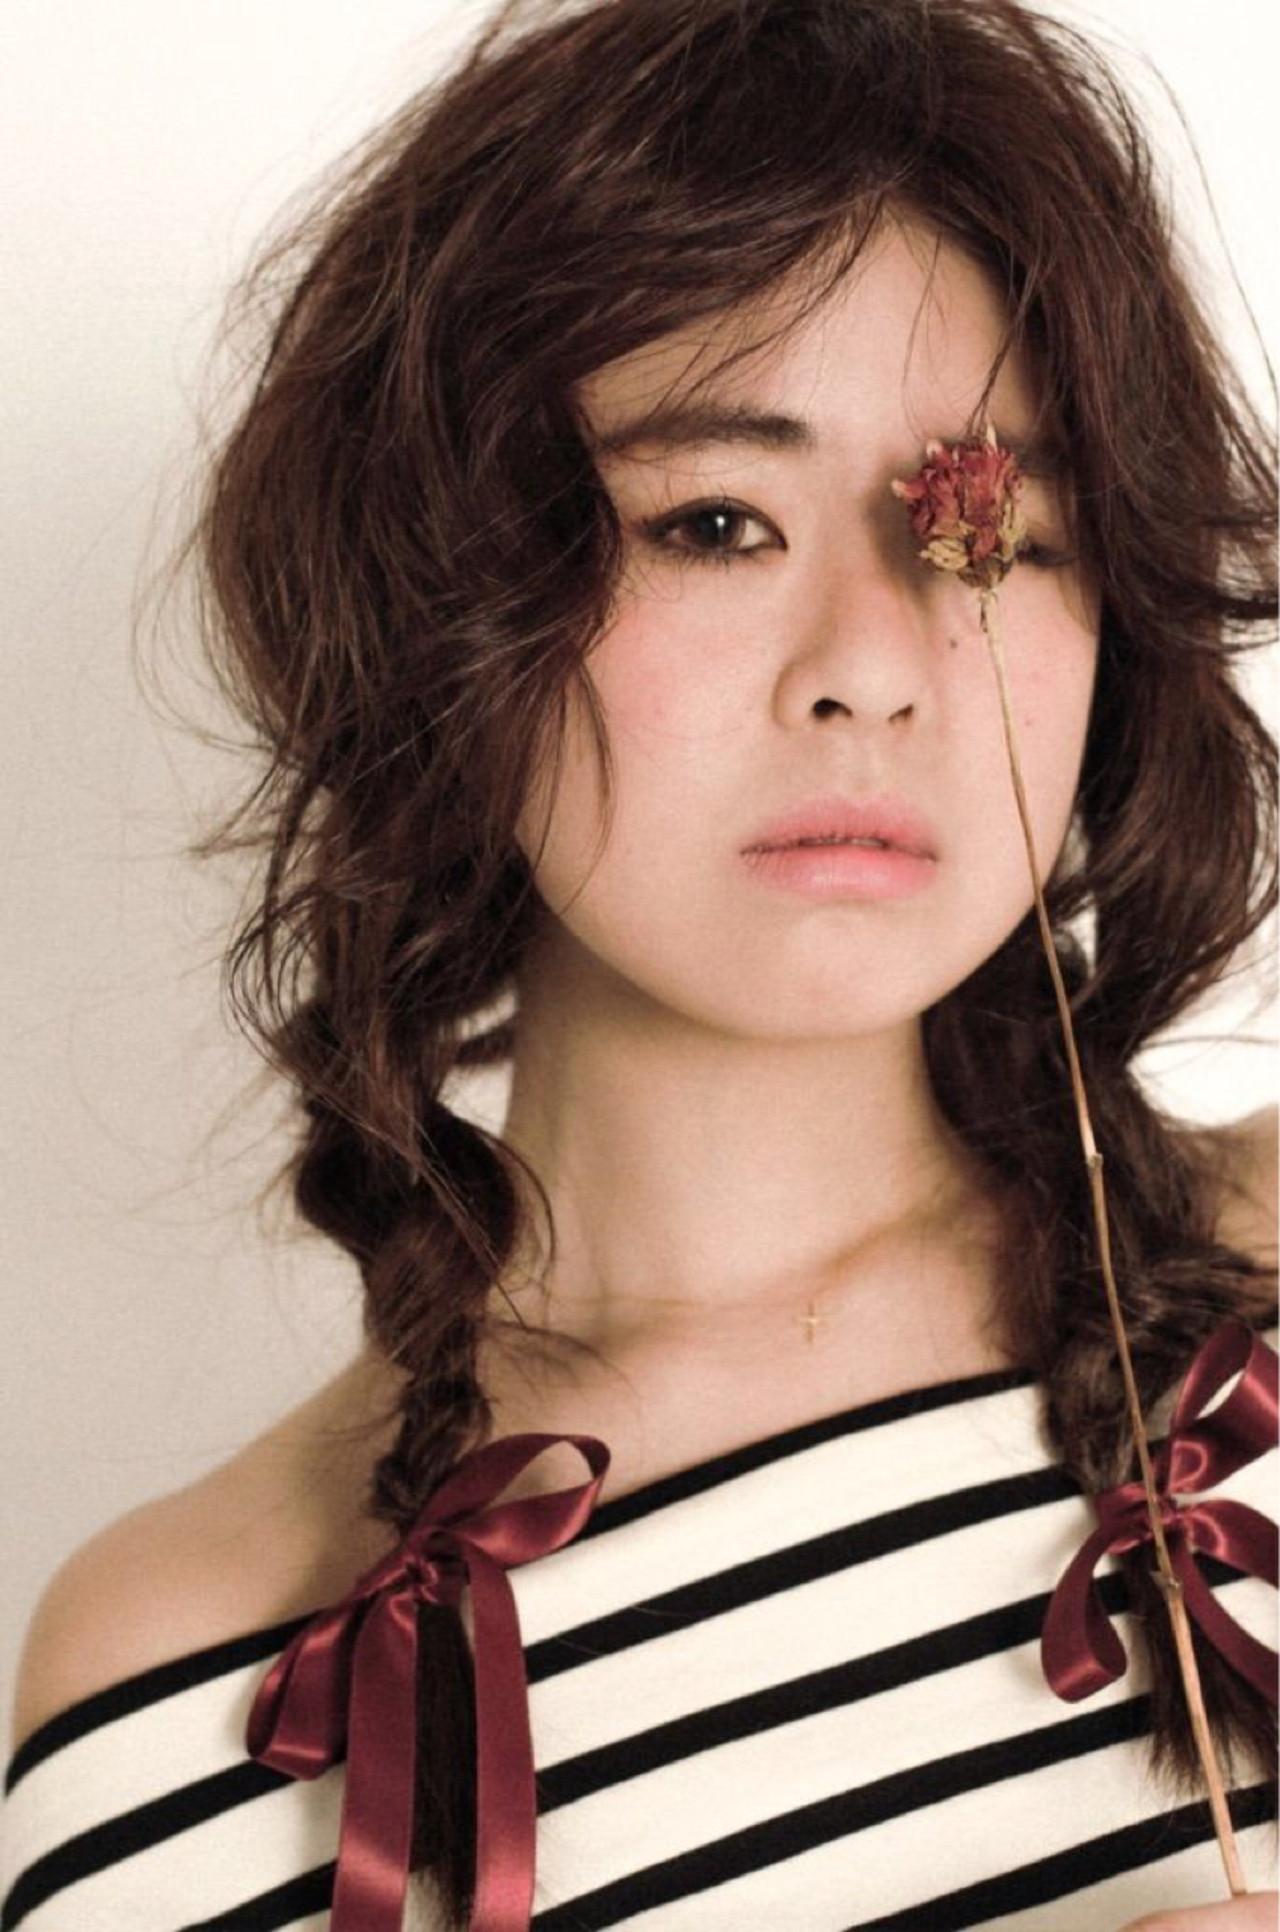 ヘアアレンジ 三つ編み セミロング 70年代 ヘアスタイルや髪型の写真・画像 | 遠藤 栞 / Ichia(イチア)